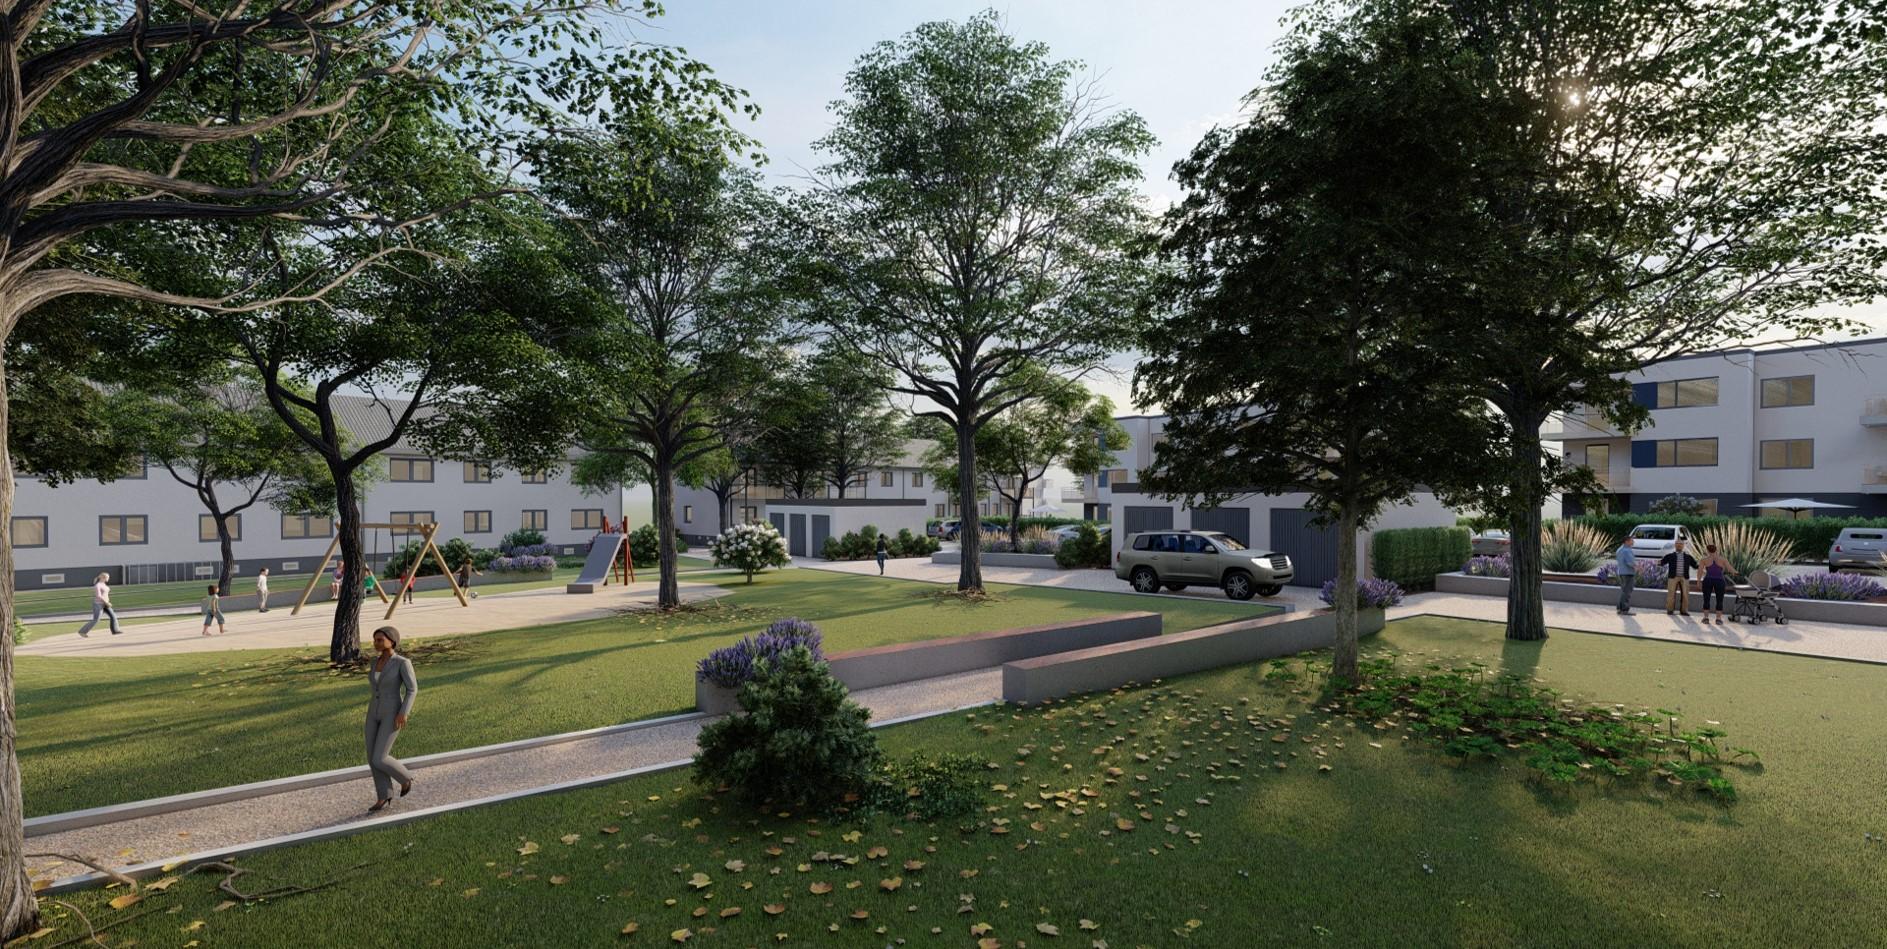 Illustration des neuen Innenhofs, im Hintergrund der modernisierte Bestand samt Neubauten